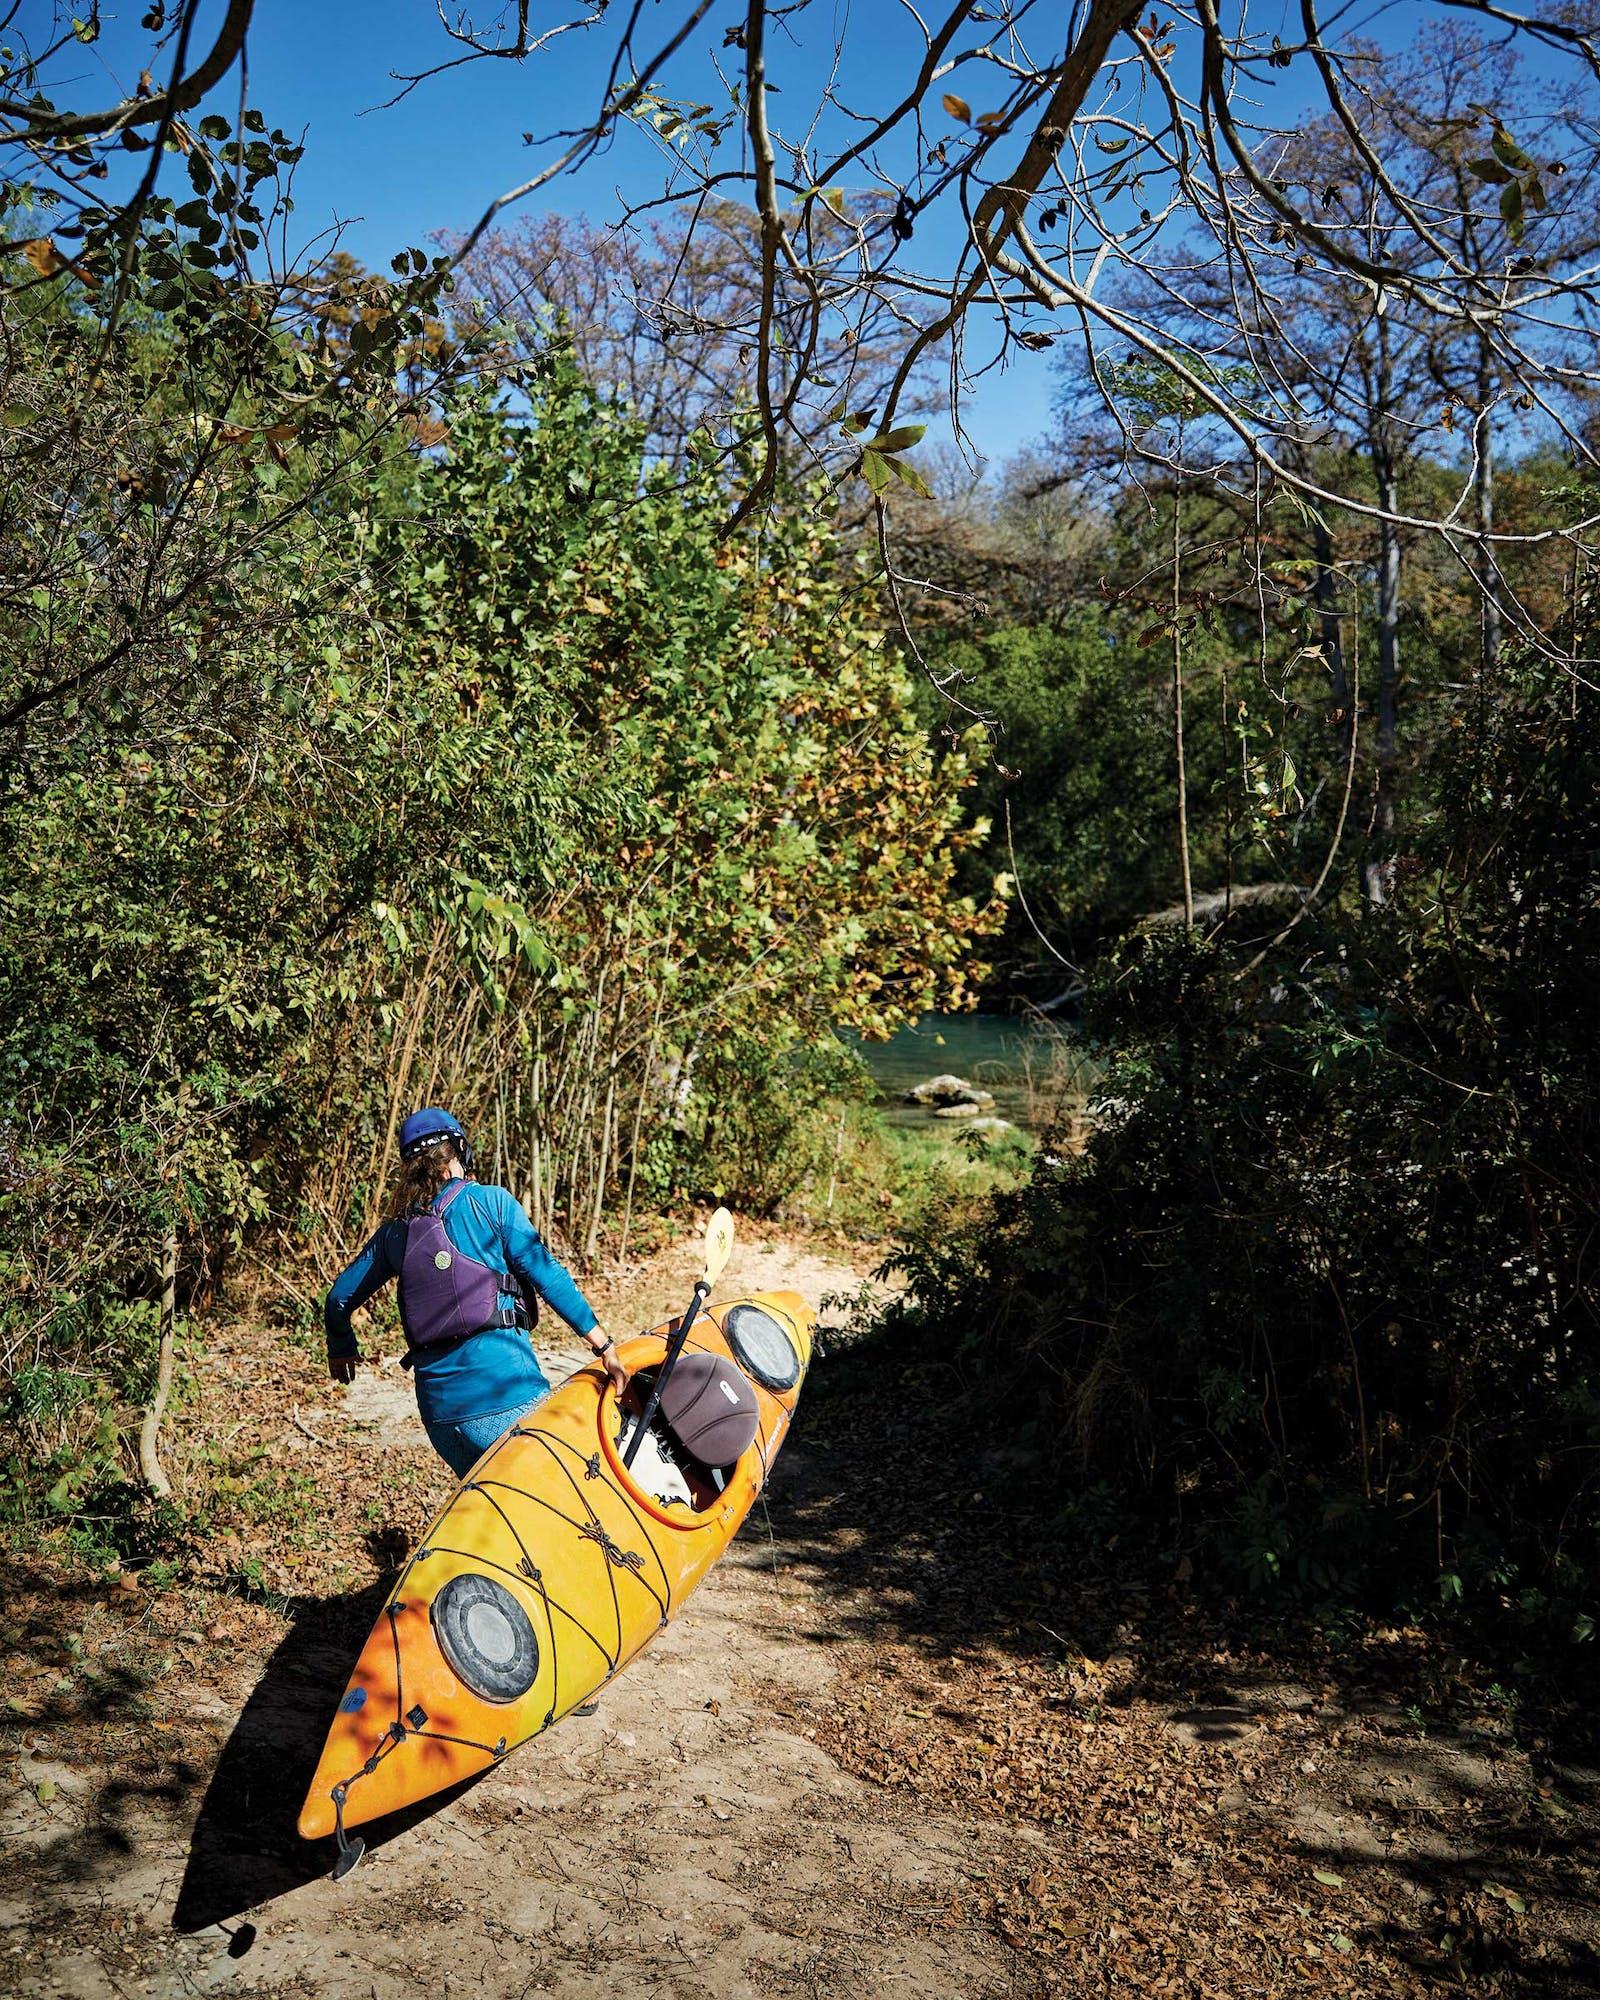 san-marcos-river-kayaking-canoeing